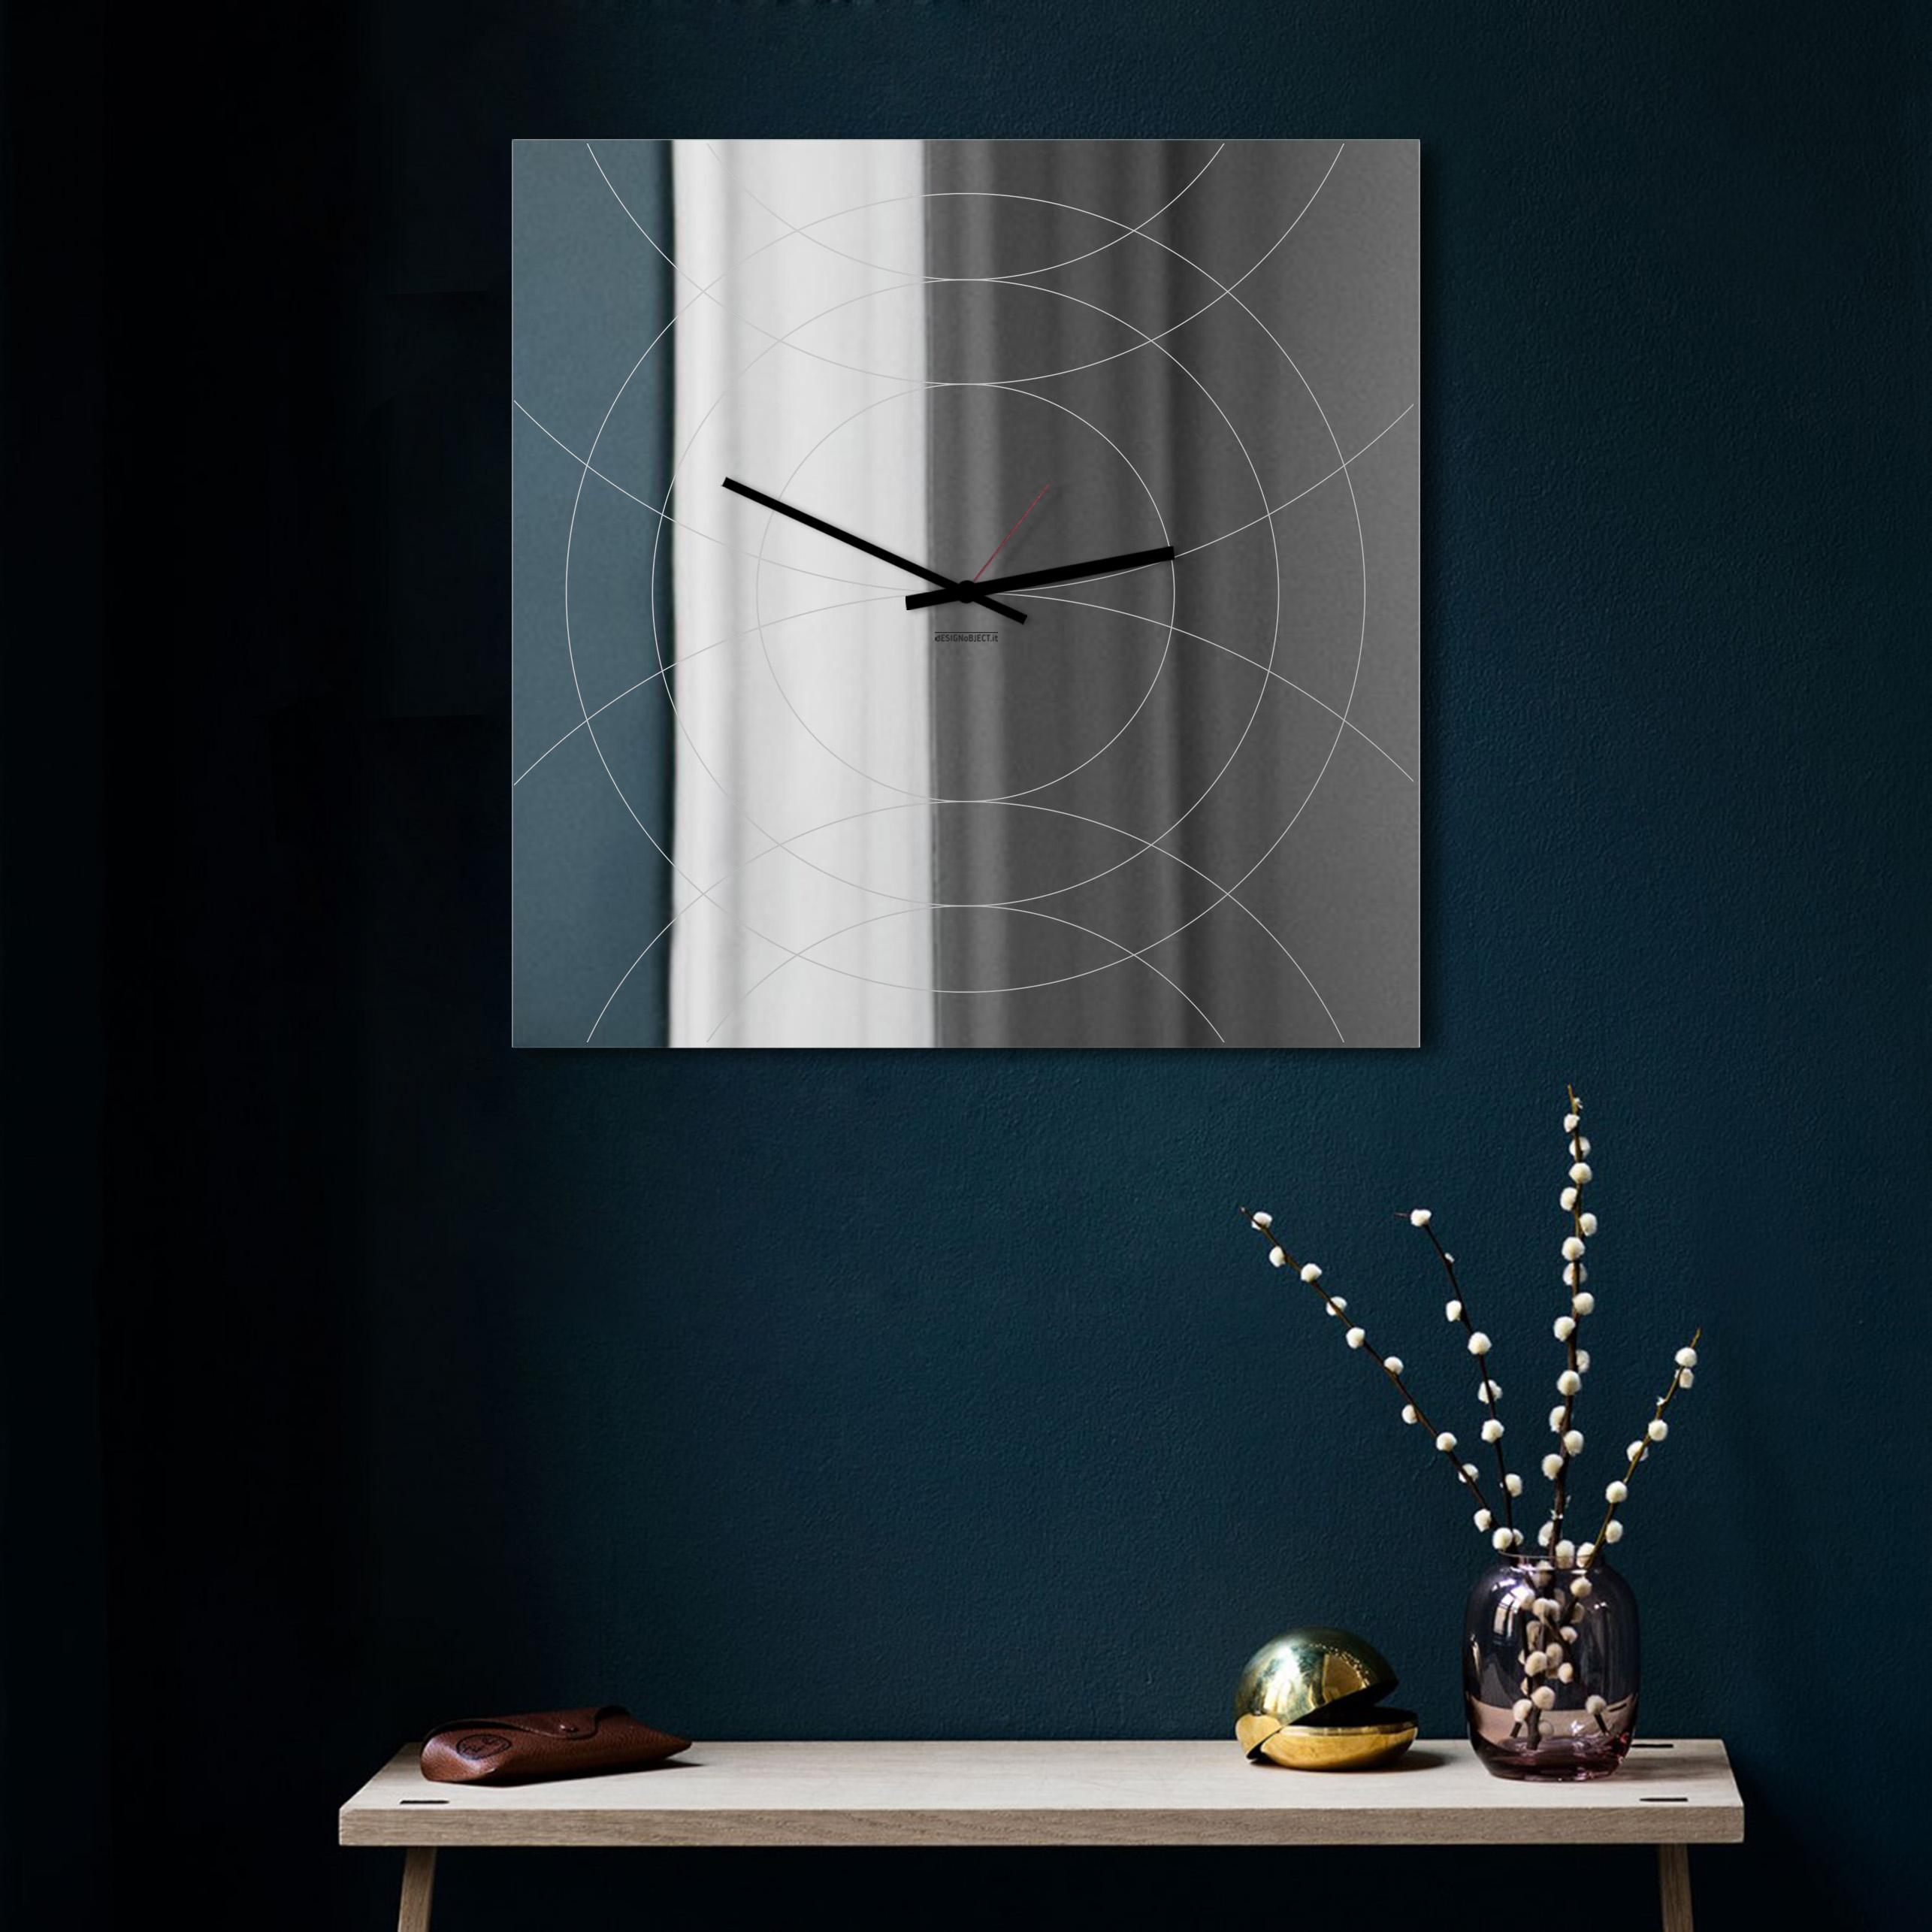 Orologio Specchio di Design   dESIGNoBJECT